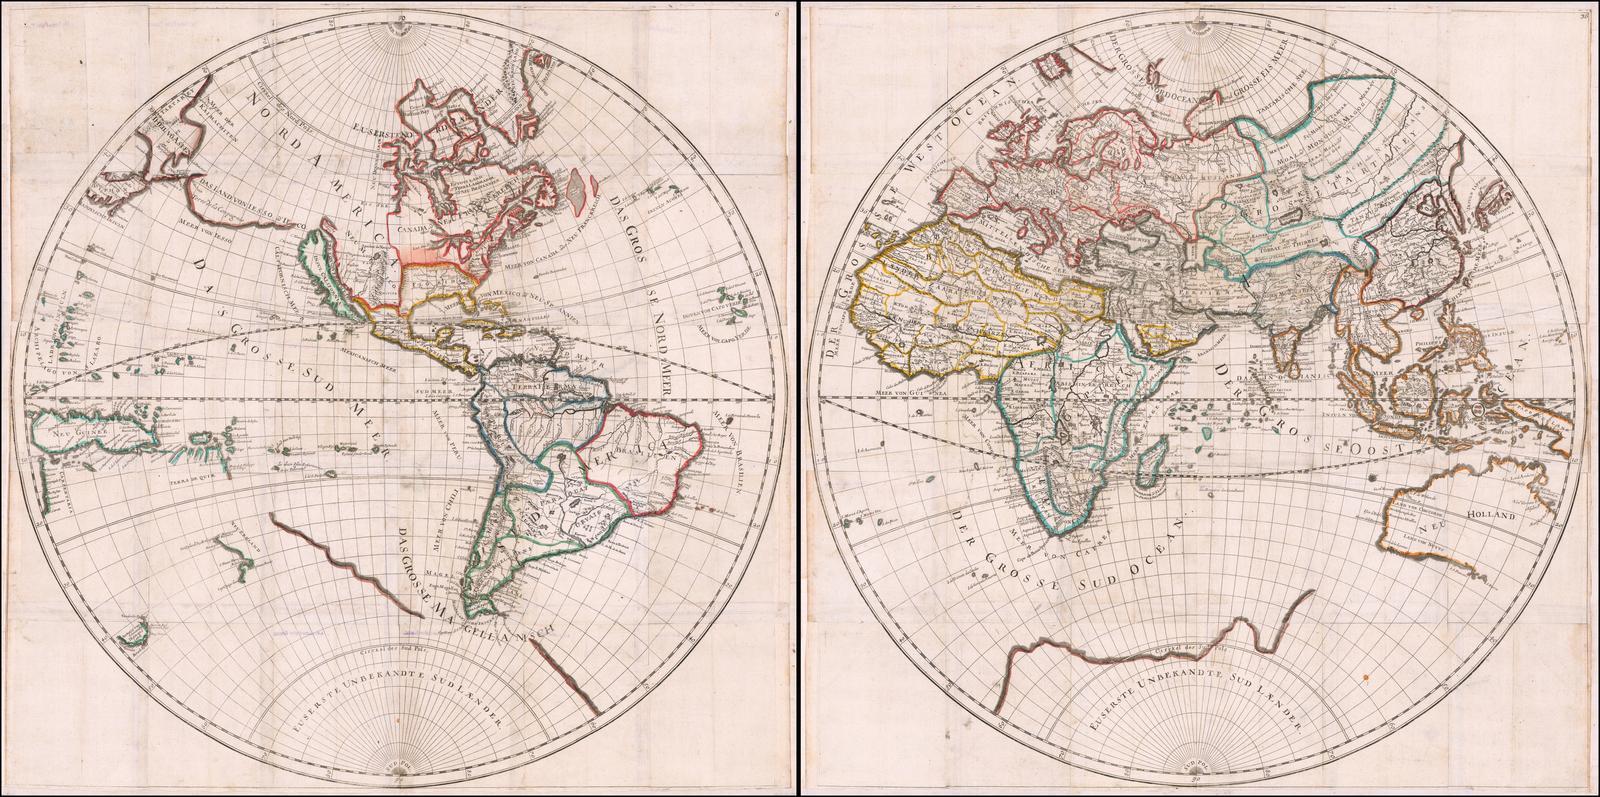 Редкая отдельно изданная настенная карта мира, изданная в Аугсбурге Гансом Георгом Боденером в 1682 году